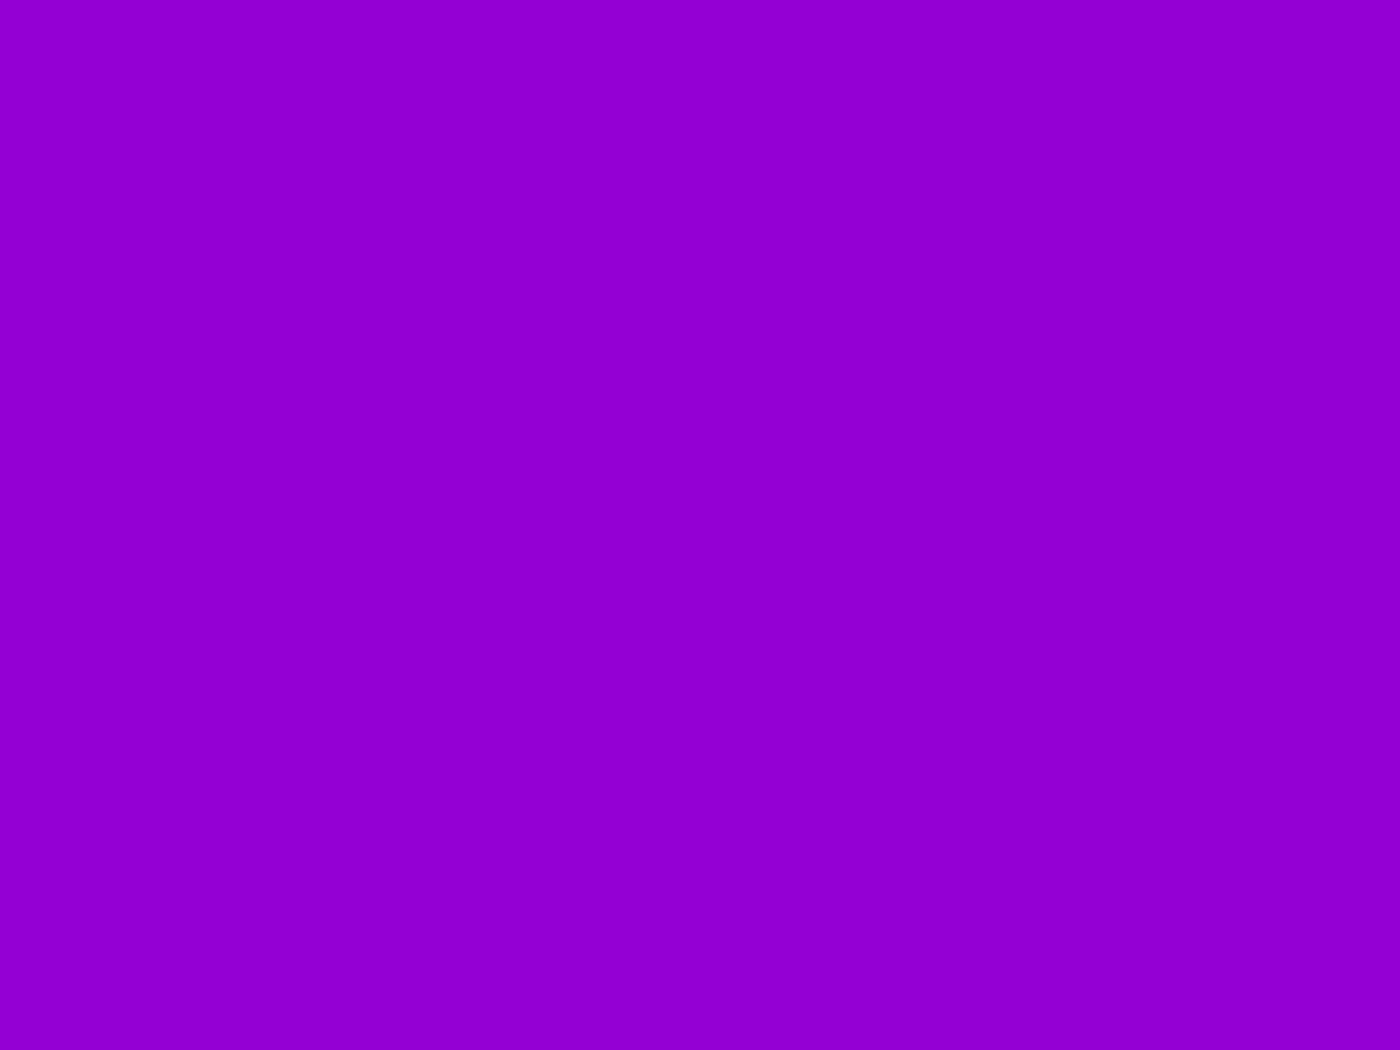 1400x1050 Dark Violet Solid Color Background